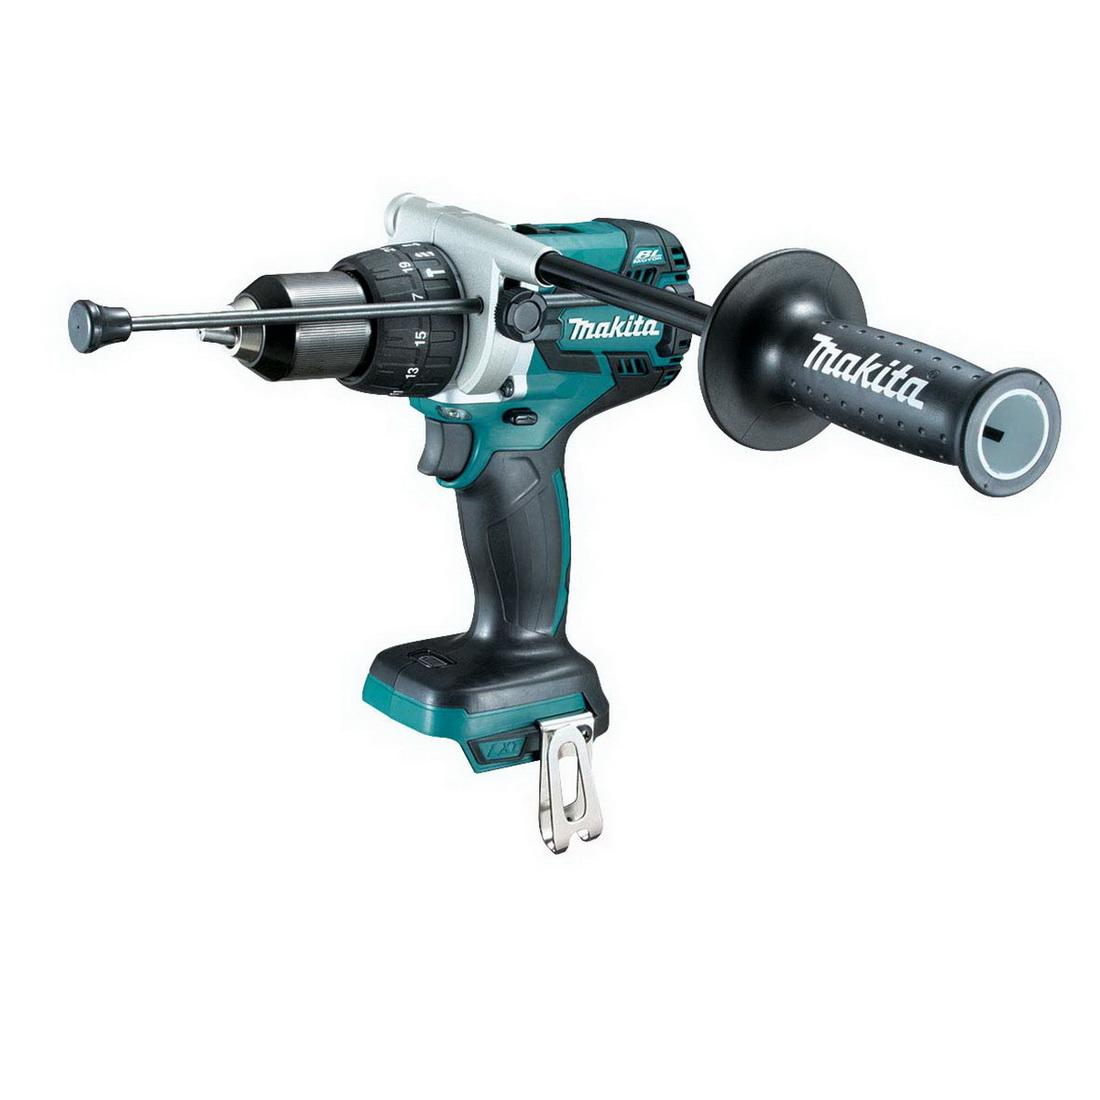 Brushless Hammer Drill Driver Skin 18V